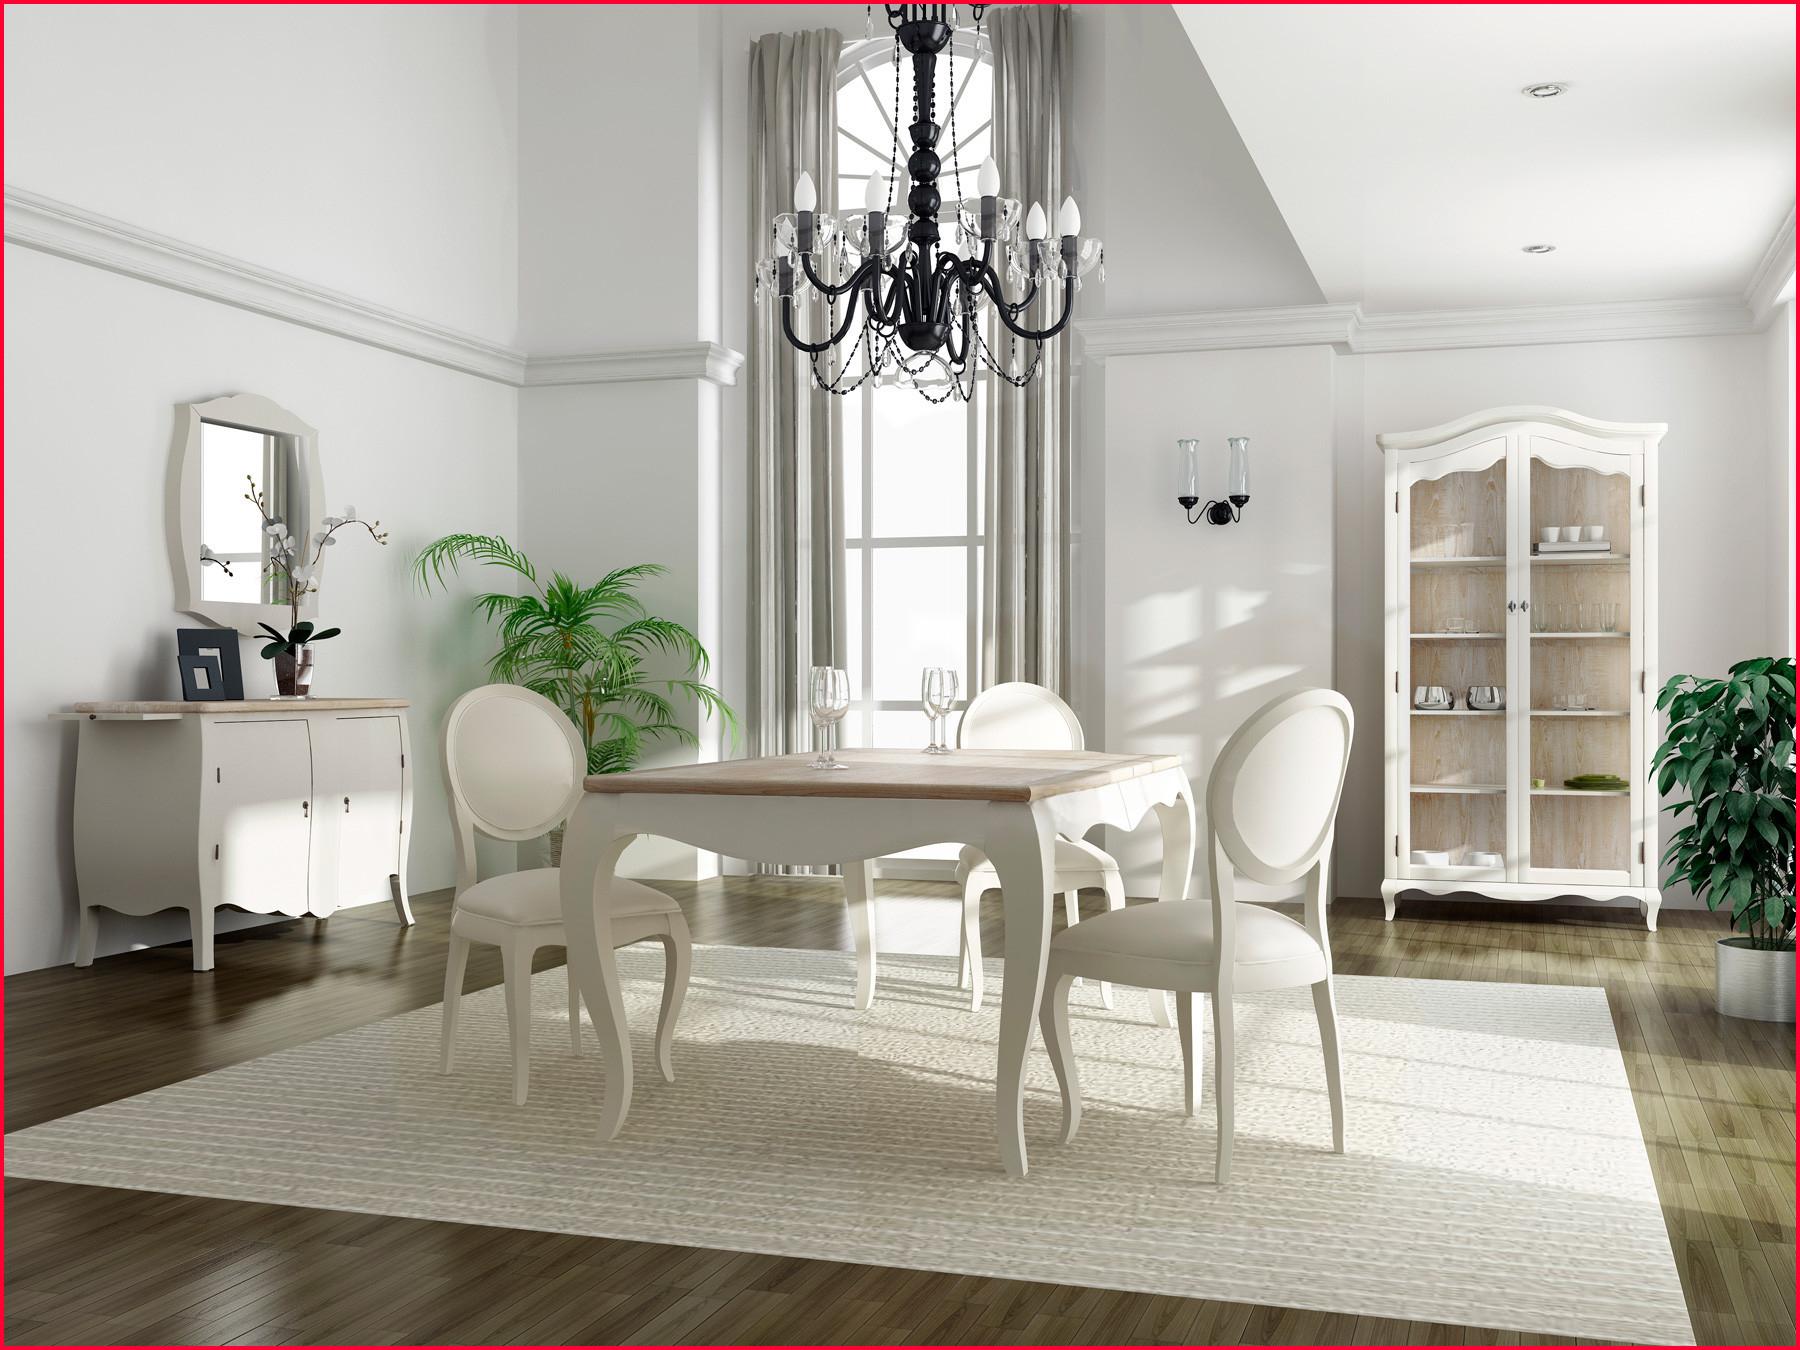 Muebles Estilo Colonial Moderno 0gdr Muebles Coloniales Modernos Muebles Estilo Colonial DiseO A